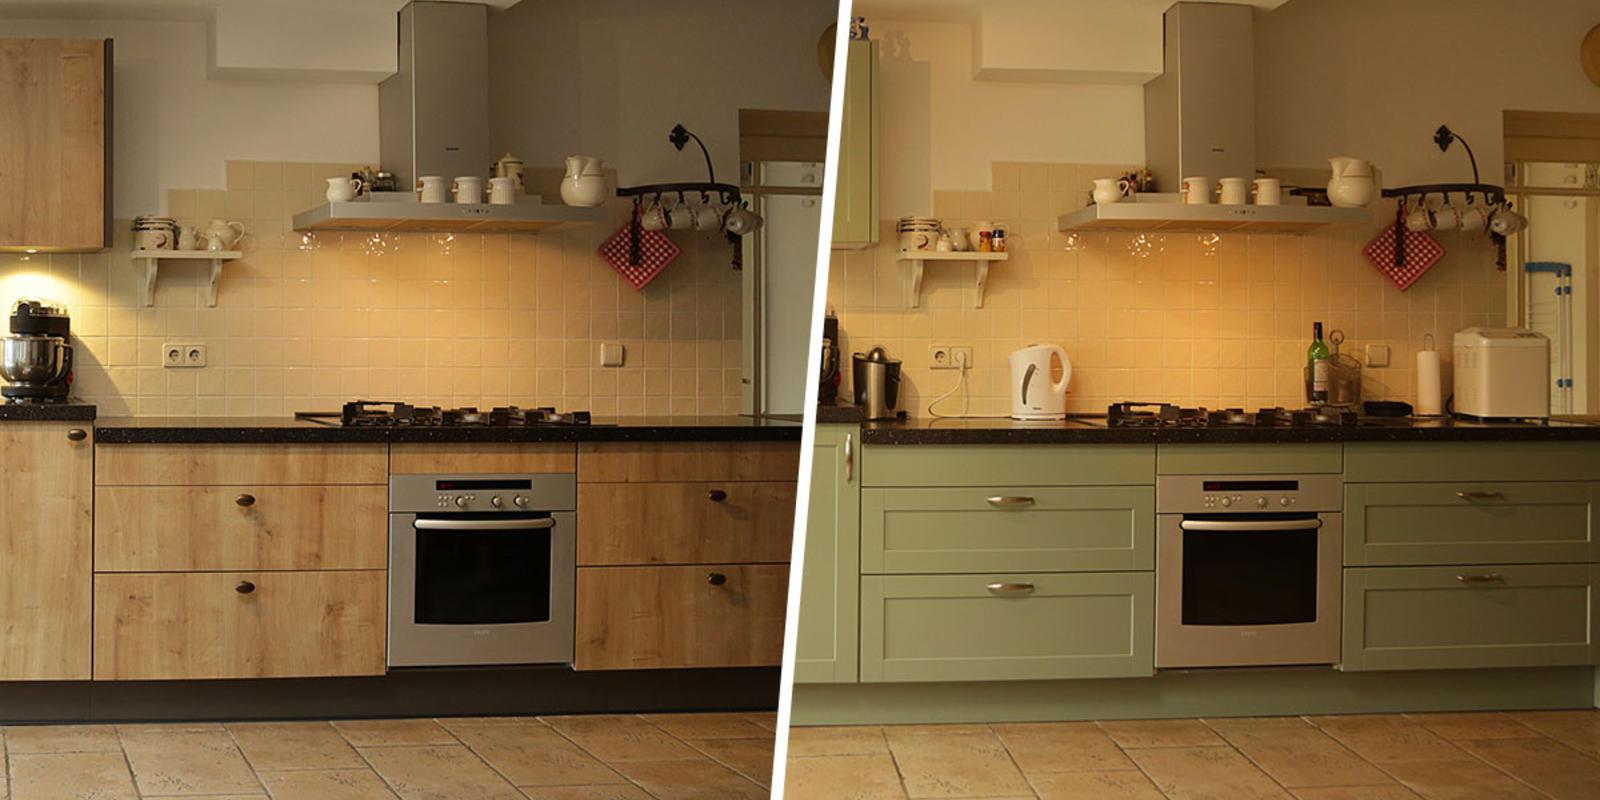 keuken schilderen kleuren